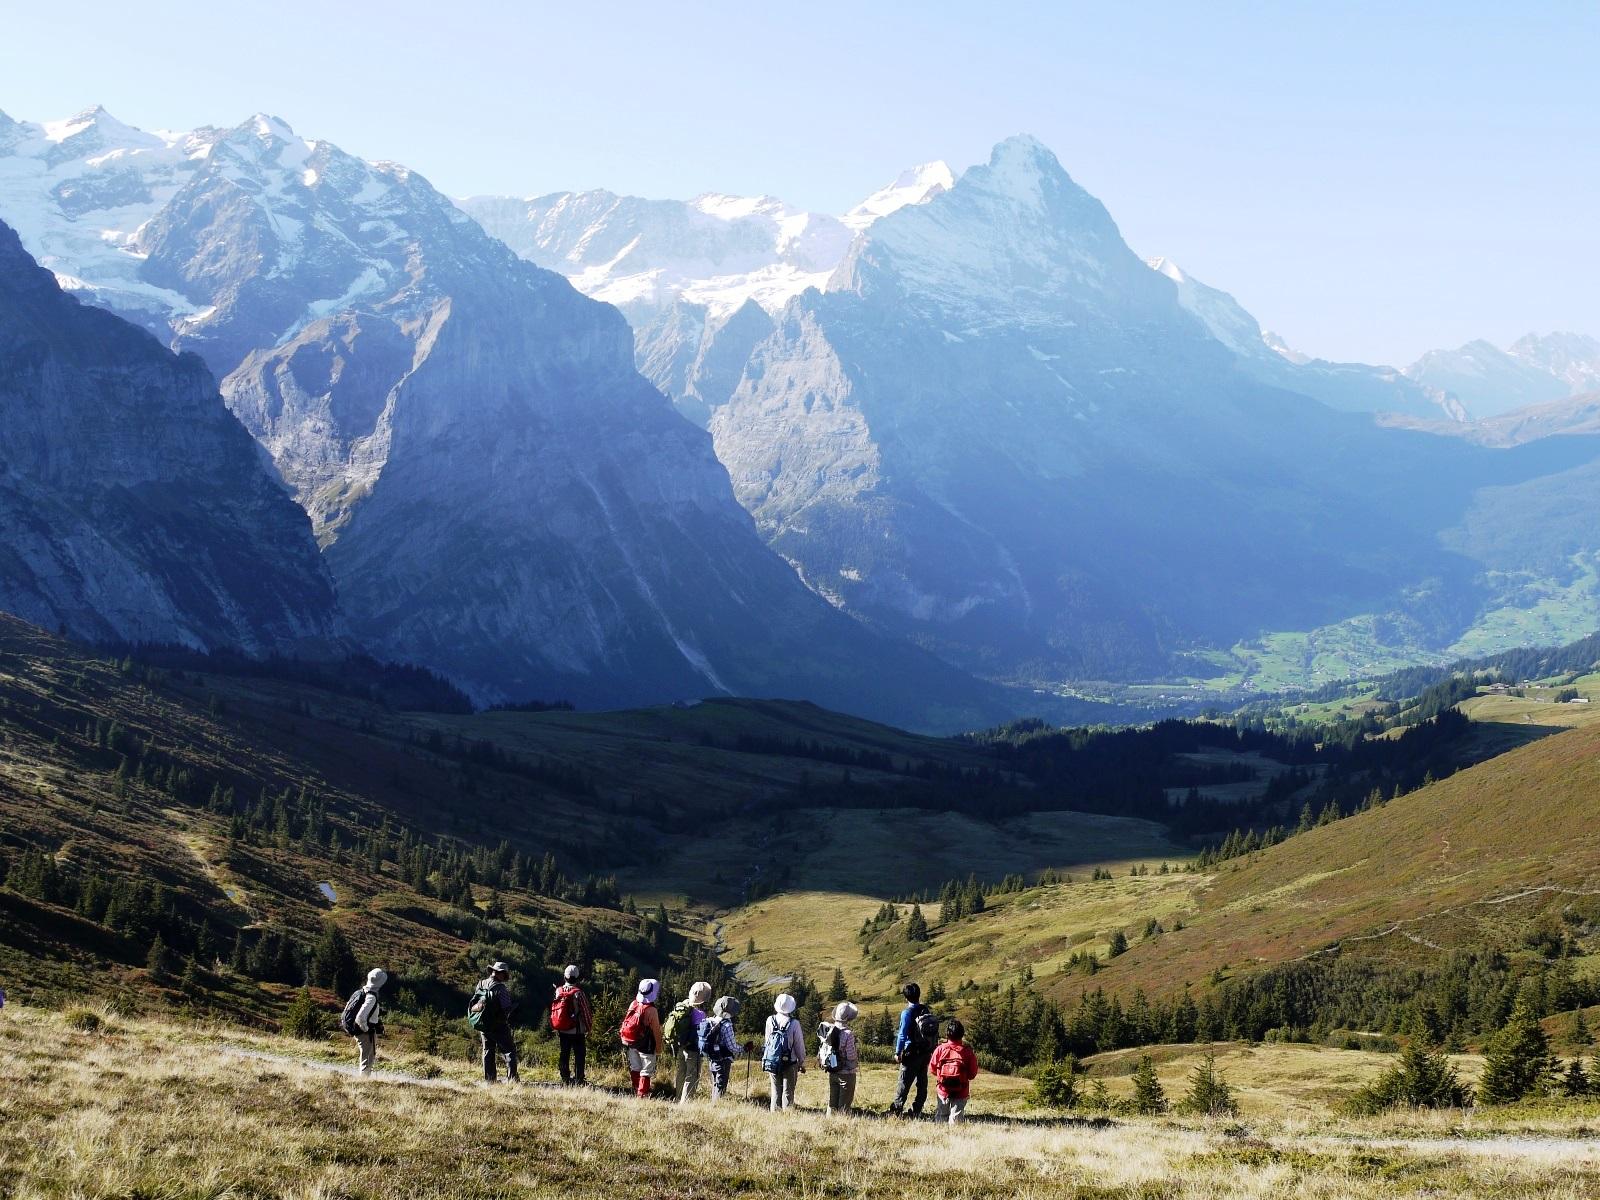 空気が澄む秋は山岳展望に最適な季節。アイガー(右)の巨大な北壁を望む(6日目)